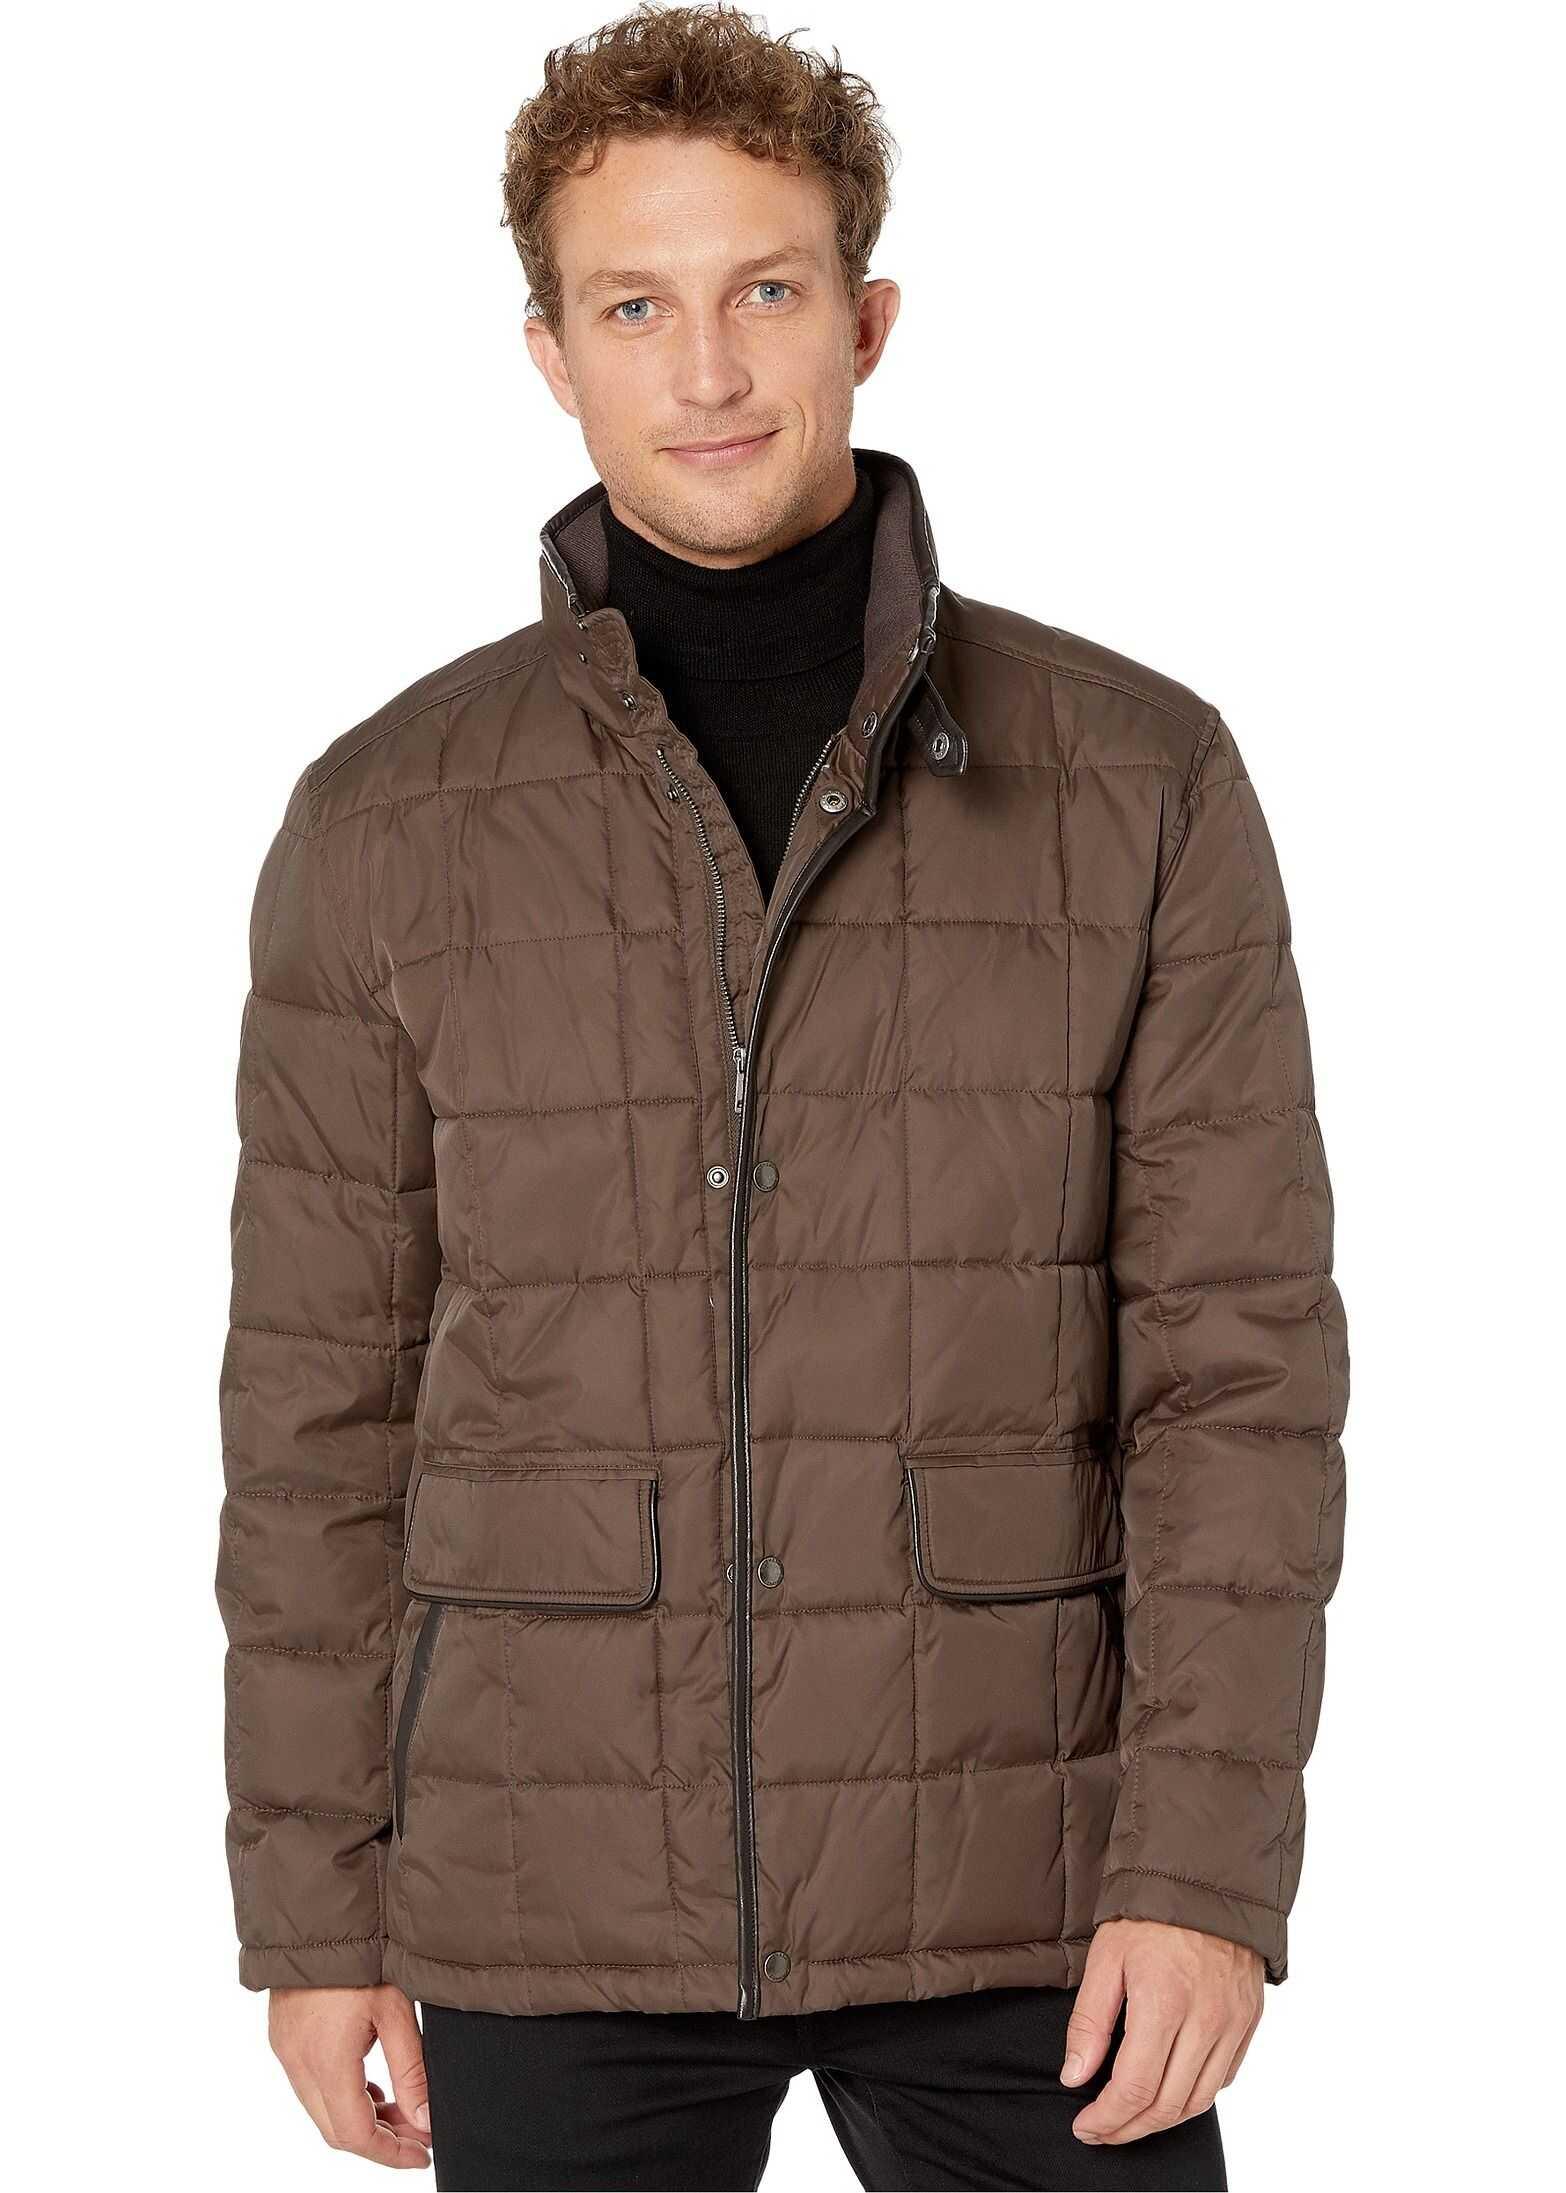 Cole Haan Box Quilt Jacket w/ Faux Leather Trim Wren